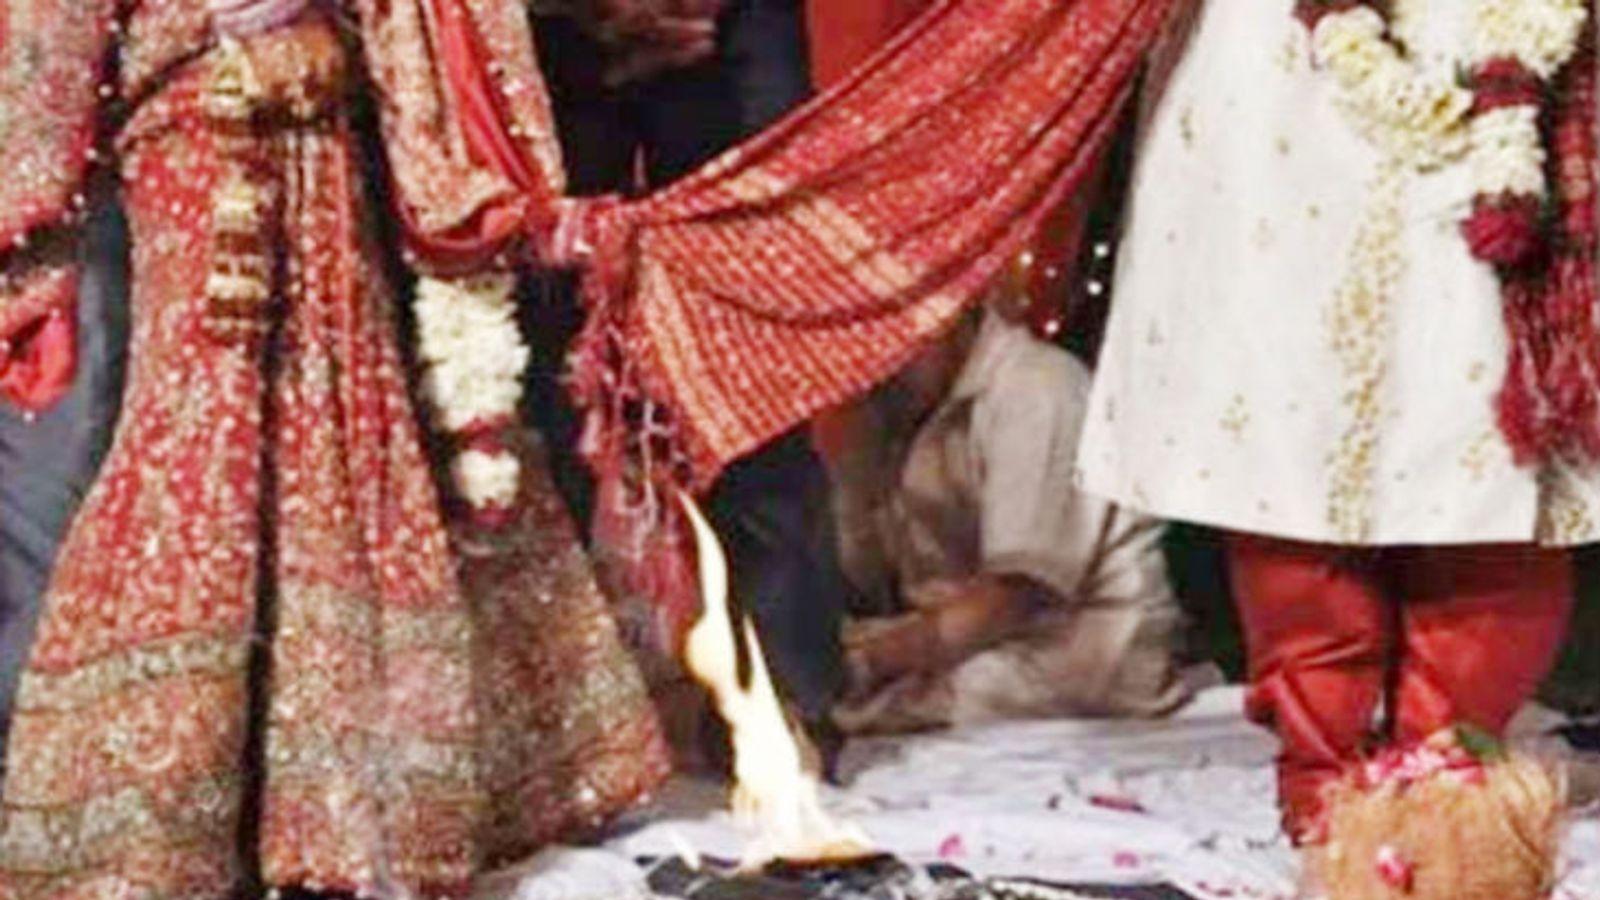 शादियों में अब केवल 20 ही लोग हो सकेंगे शामिल, 10 मई तक बंद रहेंगे सभी शिक्षण संस्थान|शिमला,Shimla - Dainik Bhaskar